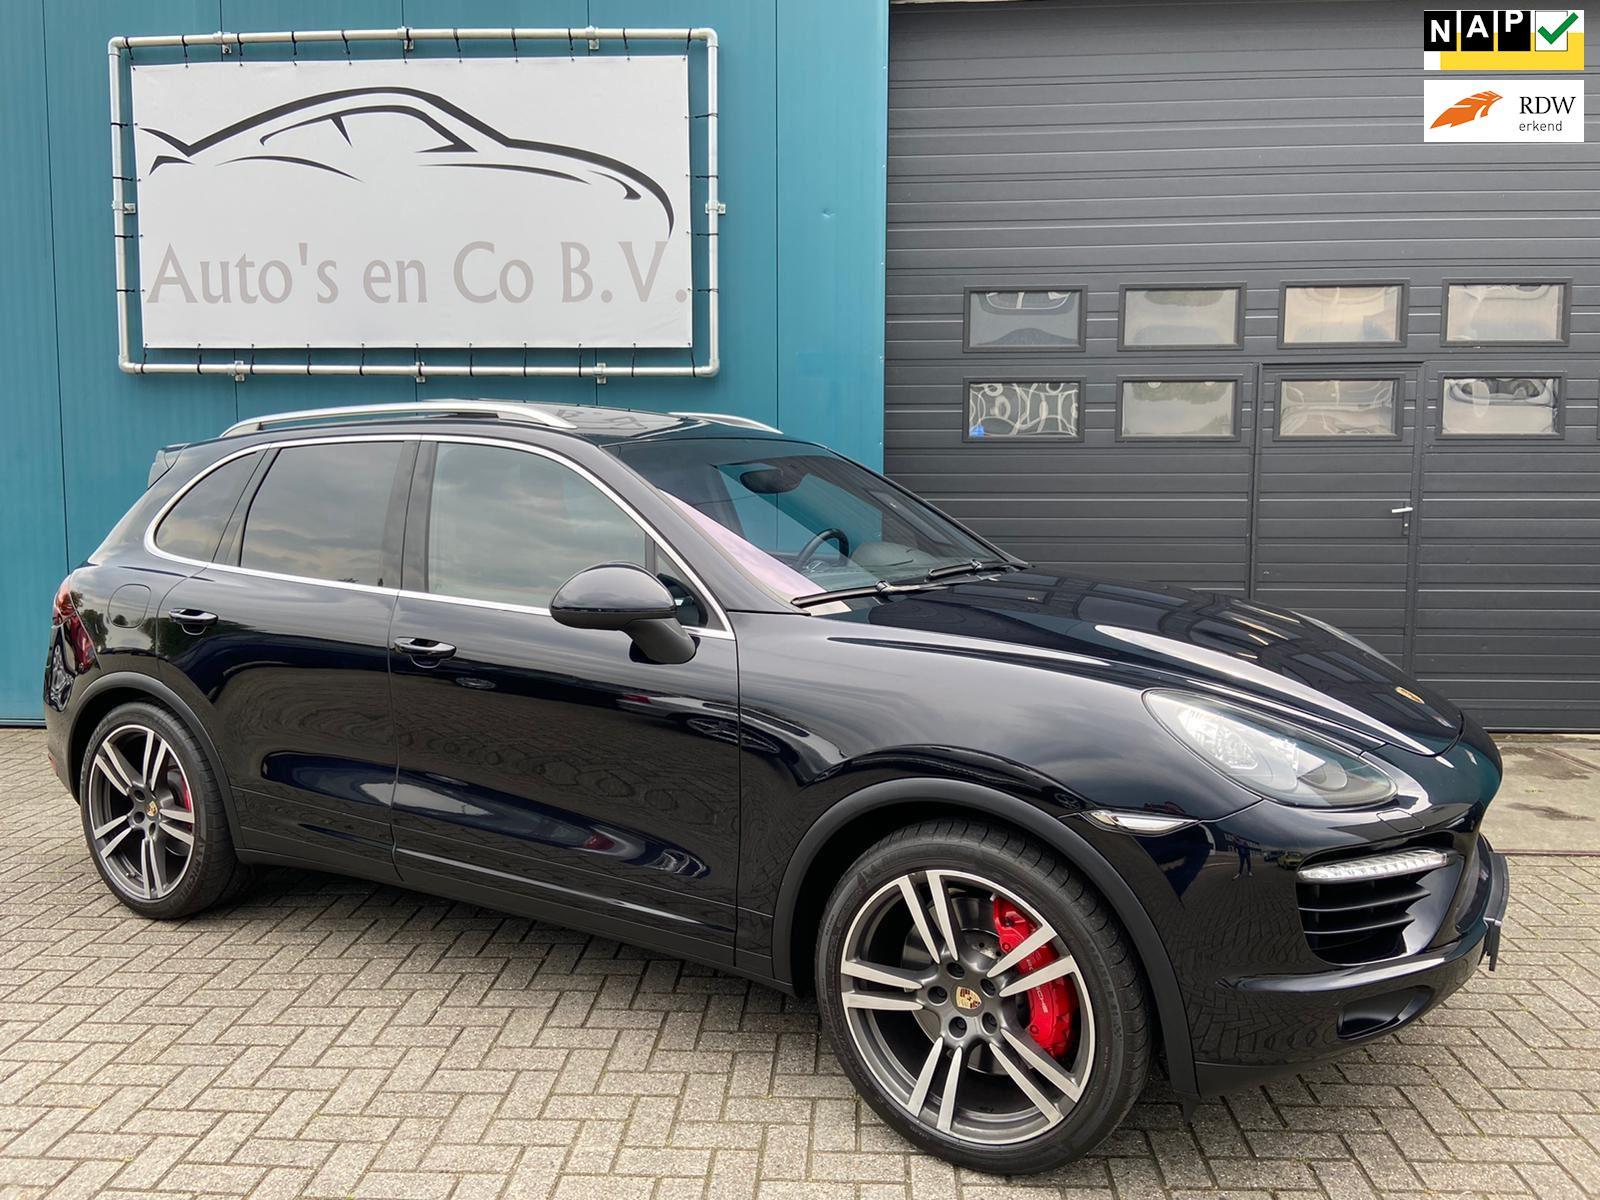 Porsche Cayenne occasion - Auto's en Co B.V.